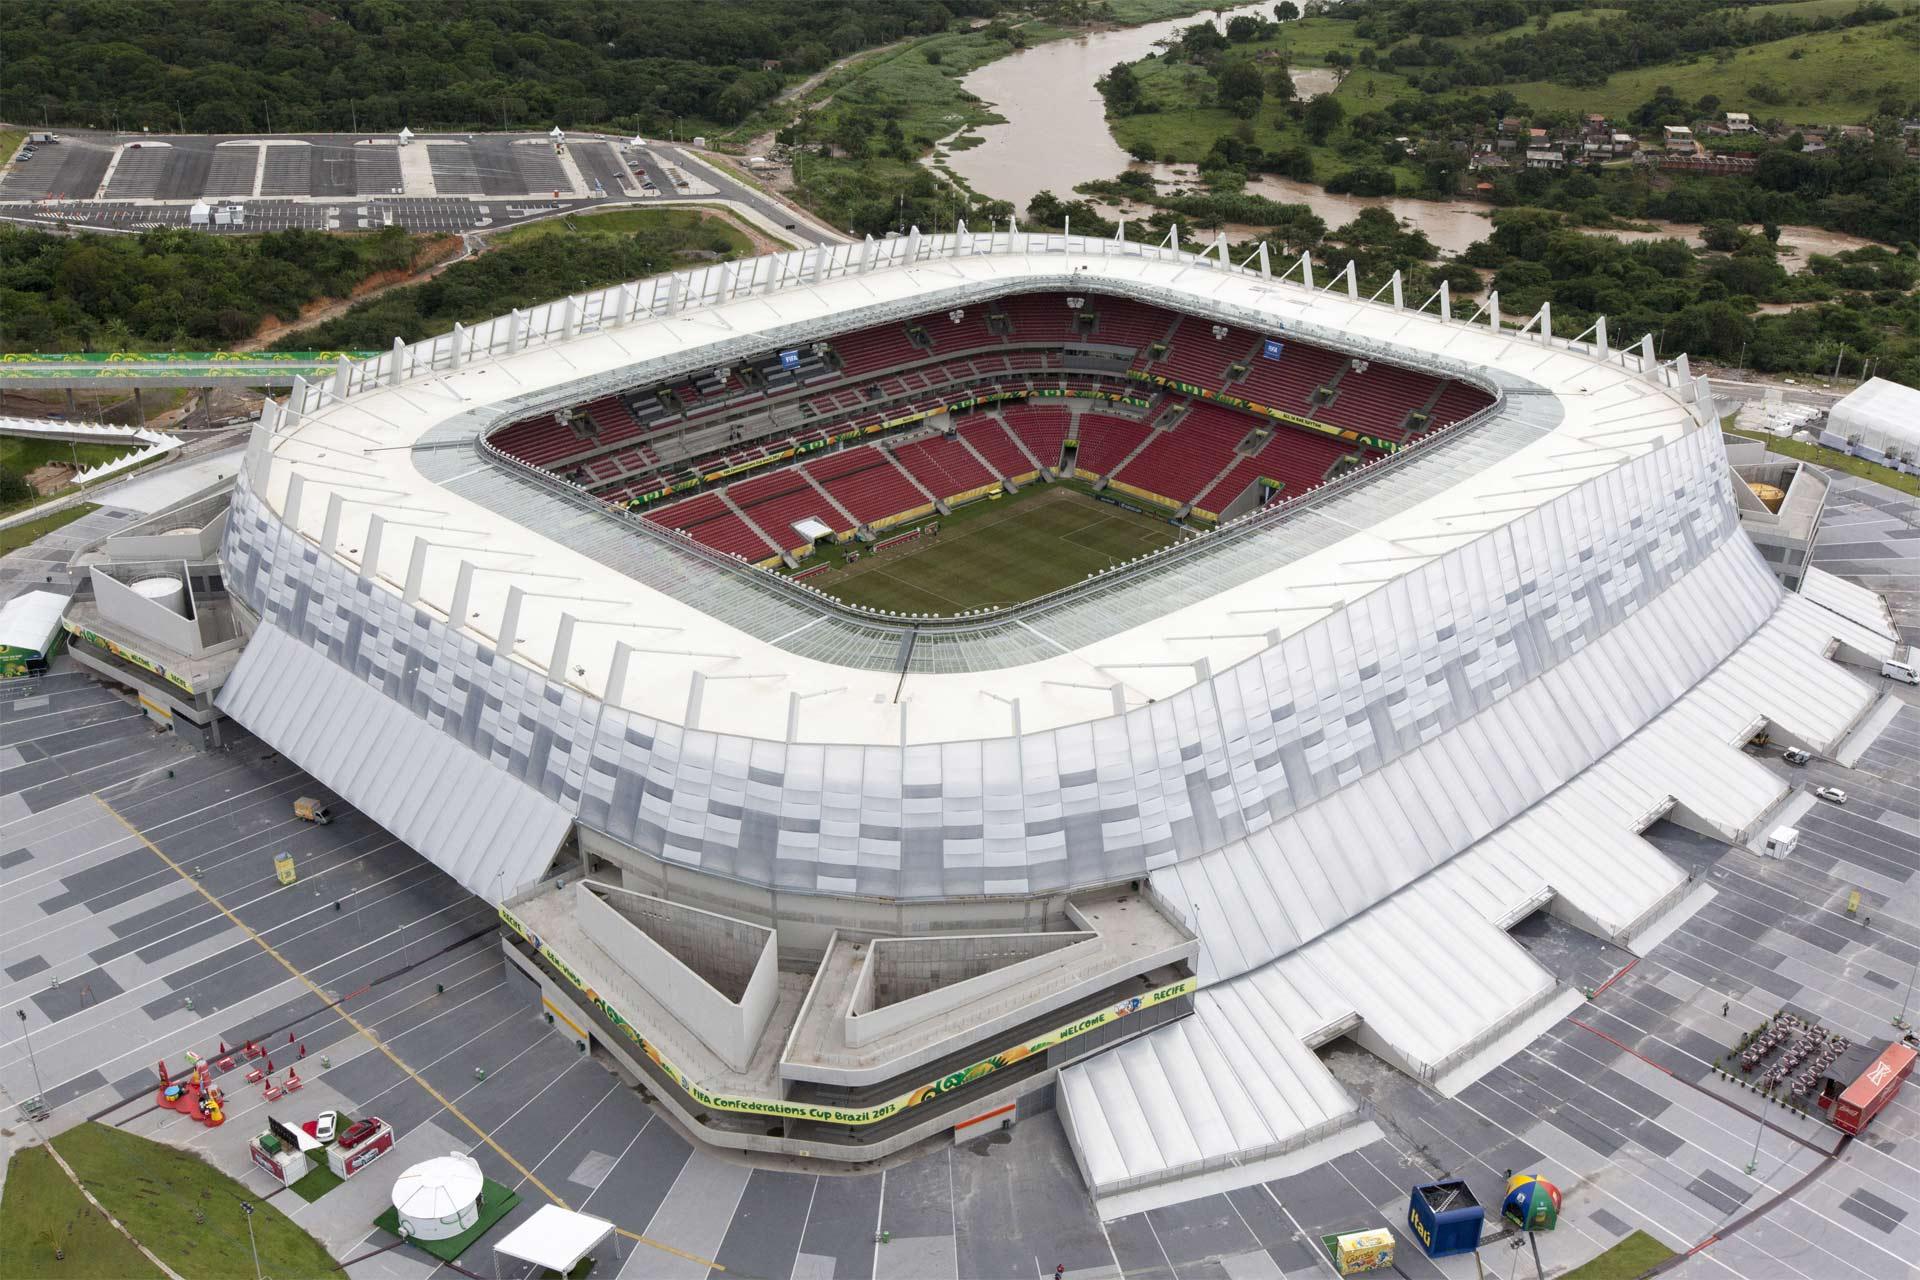 La policía Federal de Brasil investiga irregularidades en los contratos de obras y el llamado a licitación para la construcción del estadio Arena Pernambuco de Recife